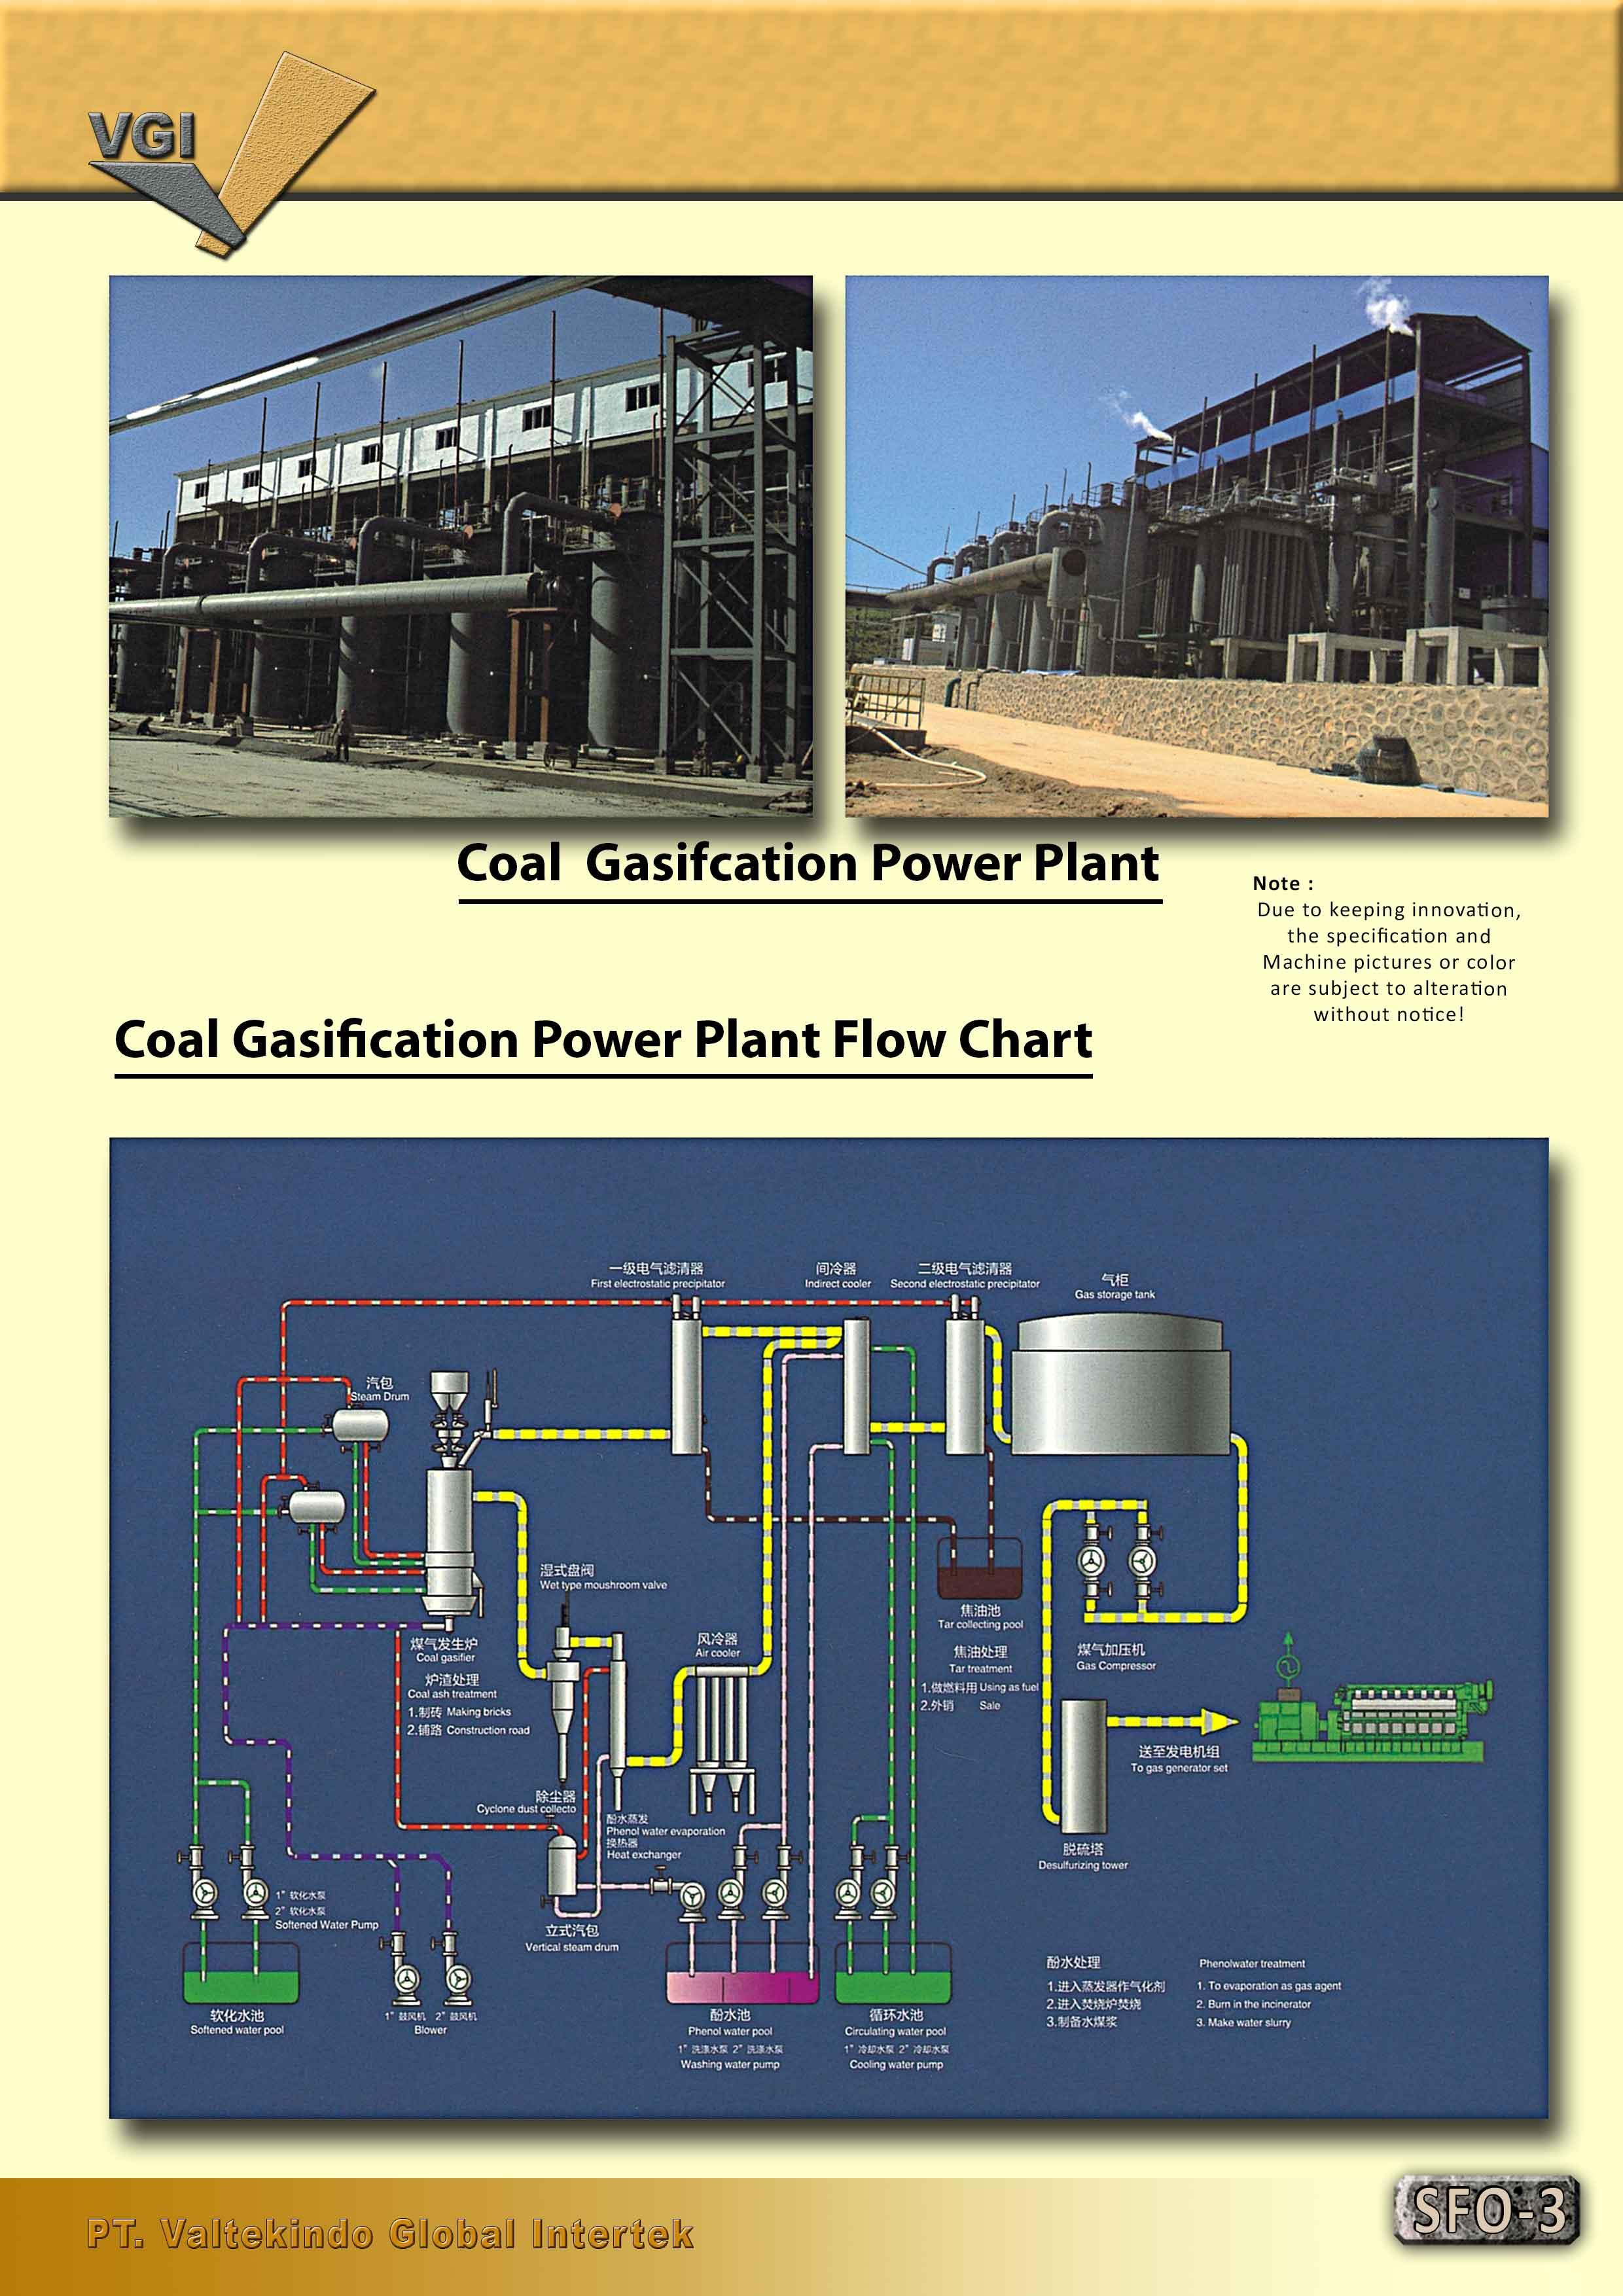 jual mesin, harga mesin, distributor mesin, jual mesin karet, daur ulang plastik Coal Gasification Power Plant Flow Chart Coal Gasification Power Plant Flow Chart